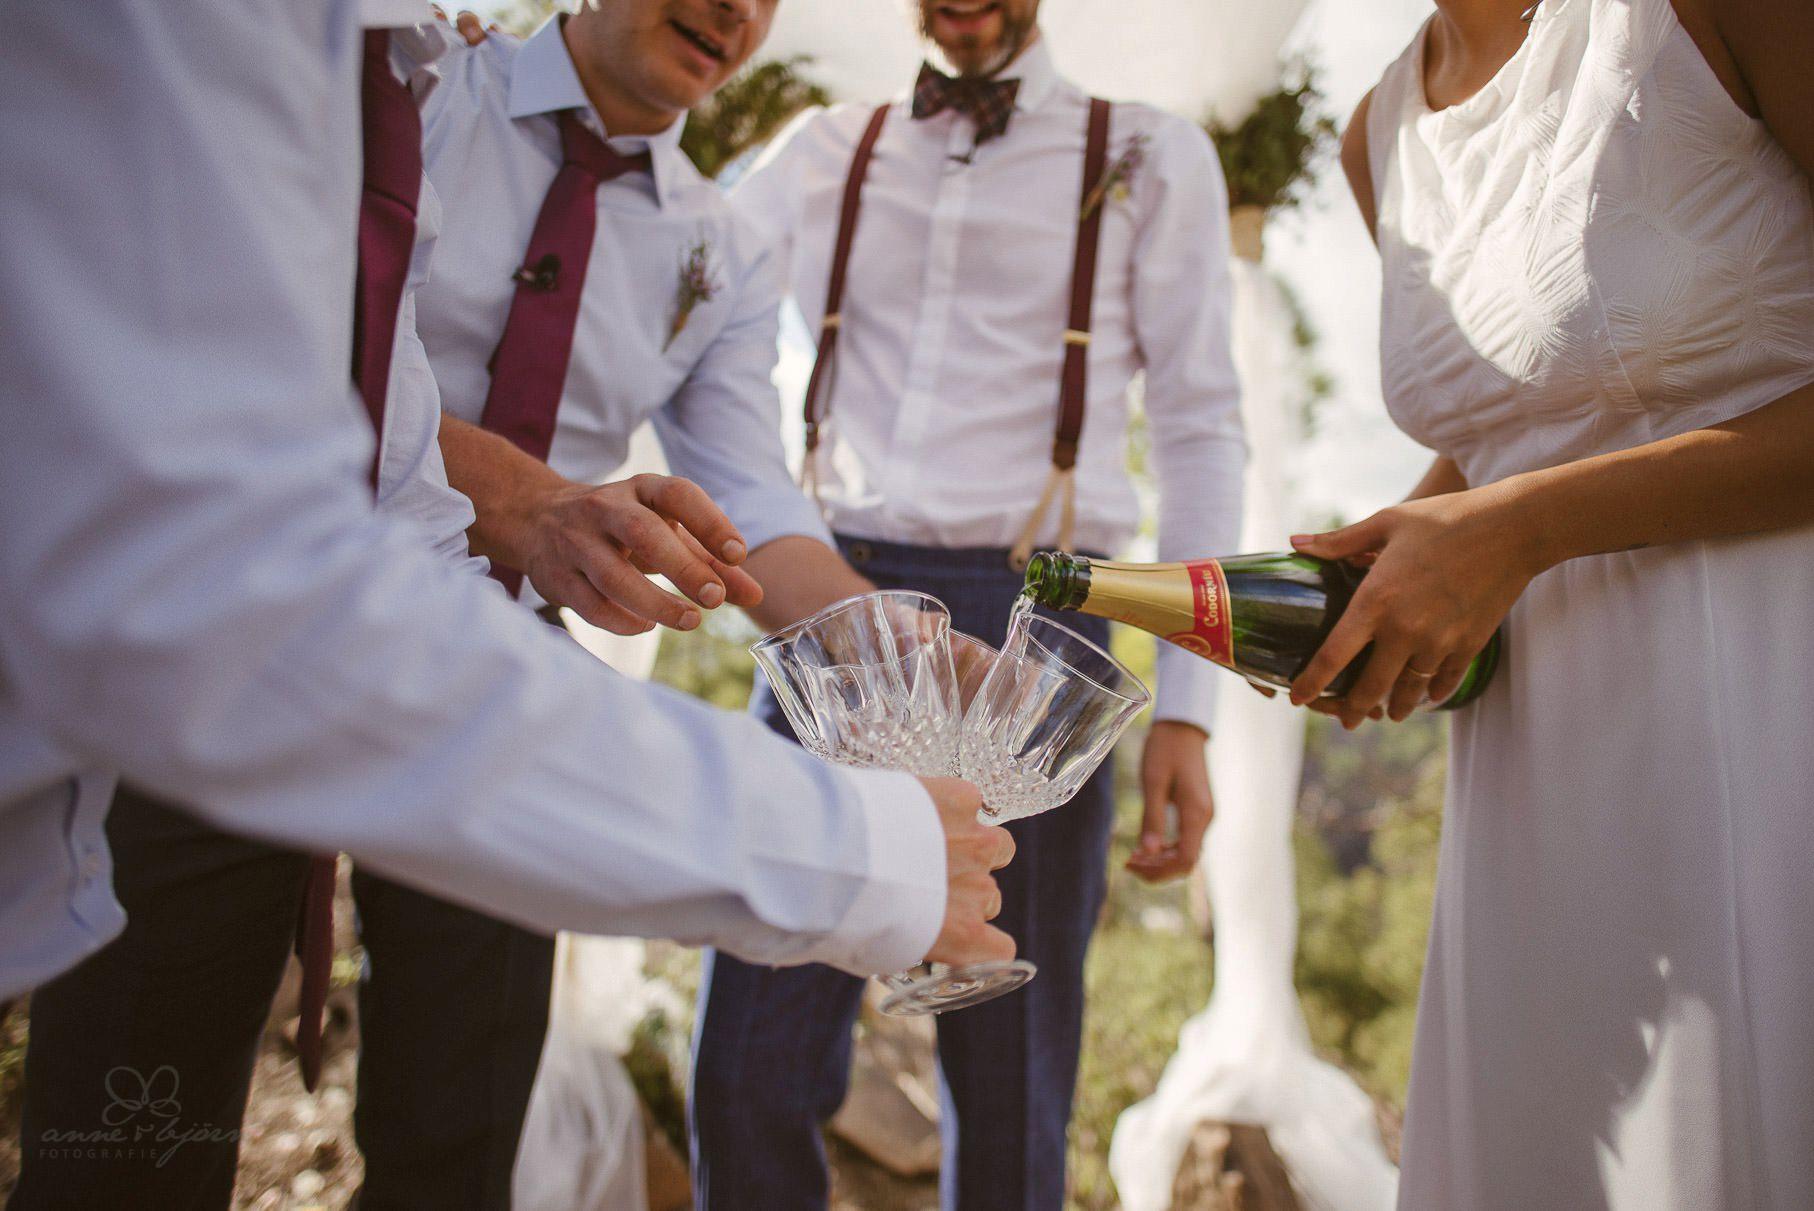 0086 lug d75 6690 - Hochzeit auf Gran Canaria - Linda & Gerald (Elopement)